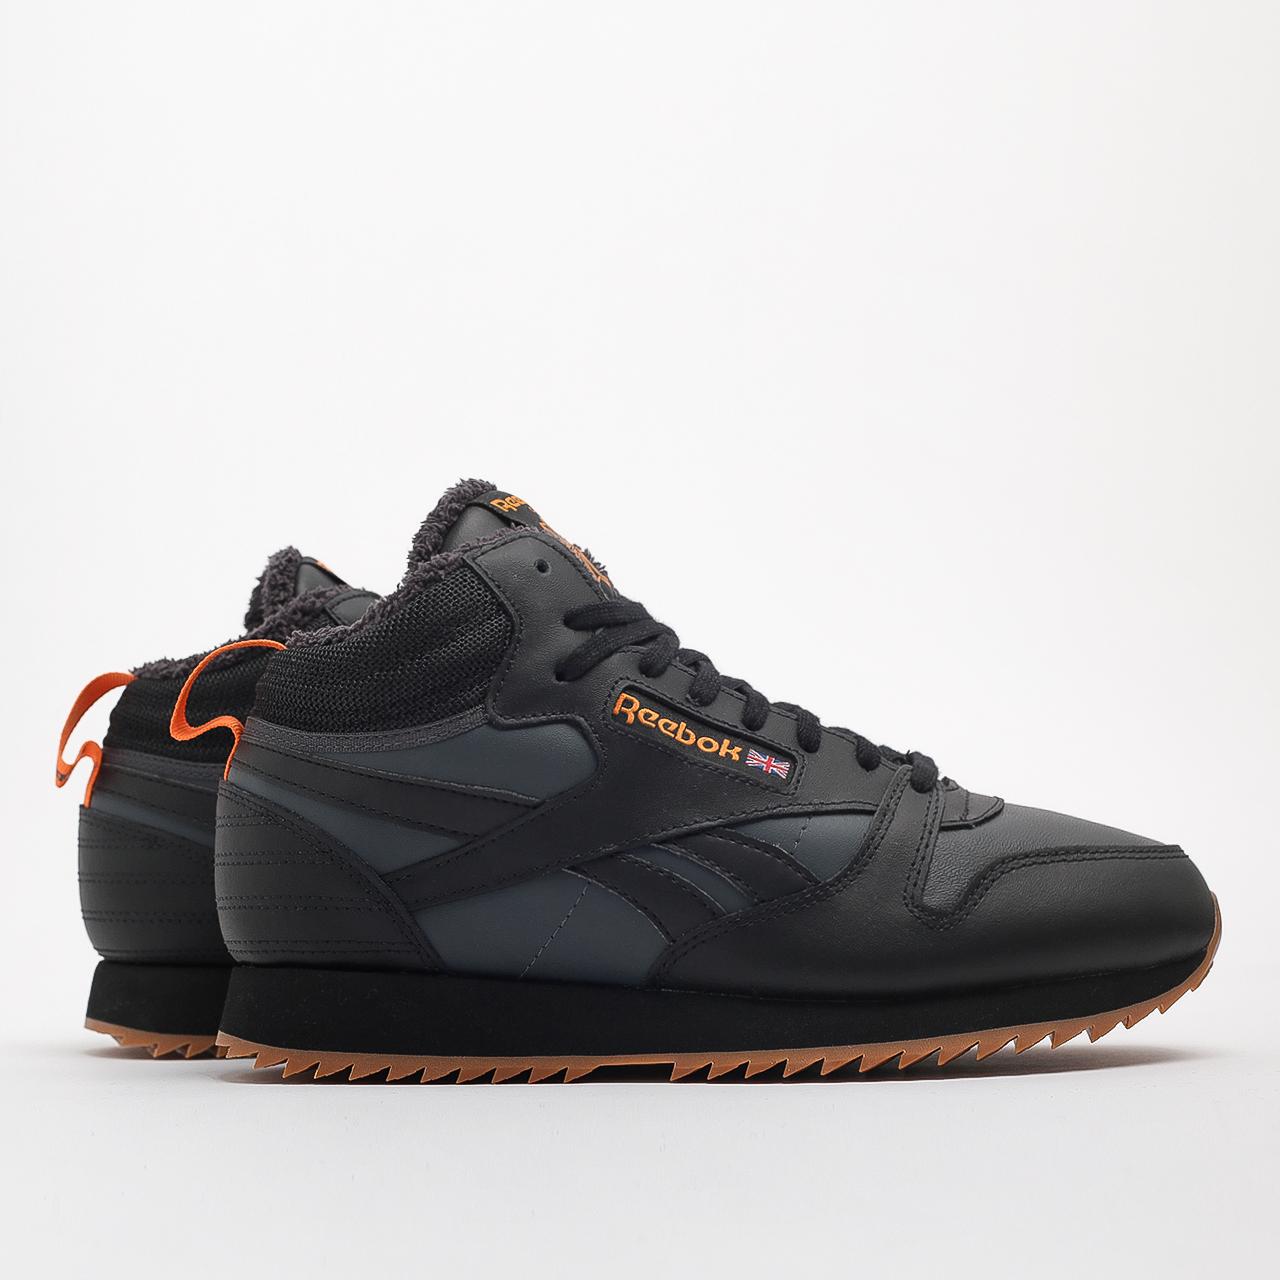 Купить черные мужские кроссовки CL Lthr Mid Ripple от Reebok (FV9309) по цене 9490 рублей